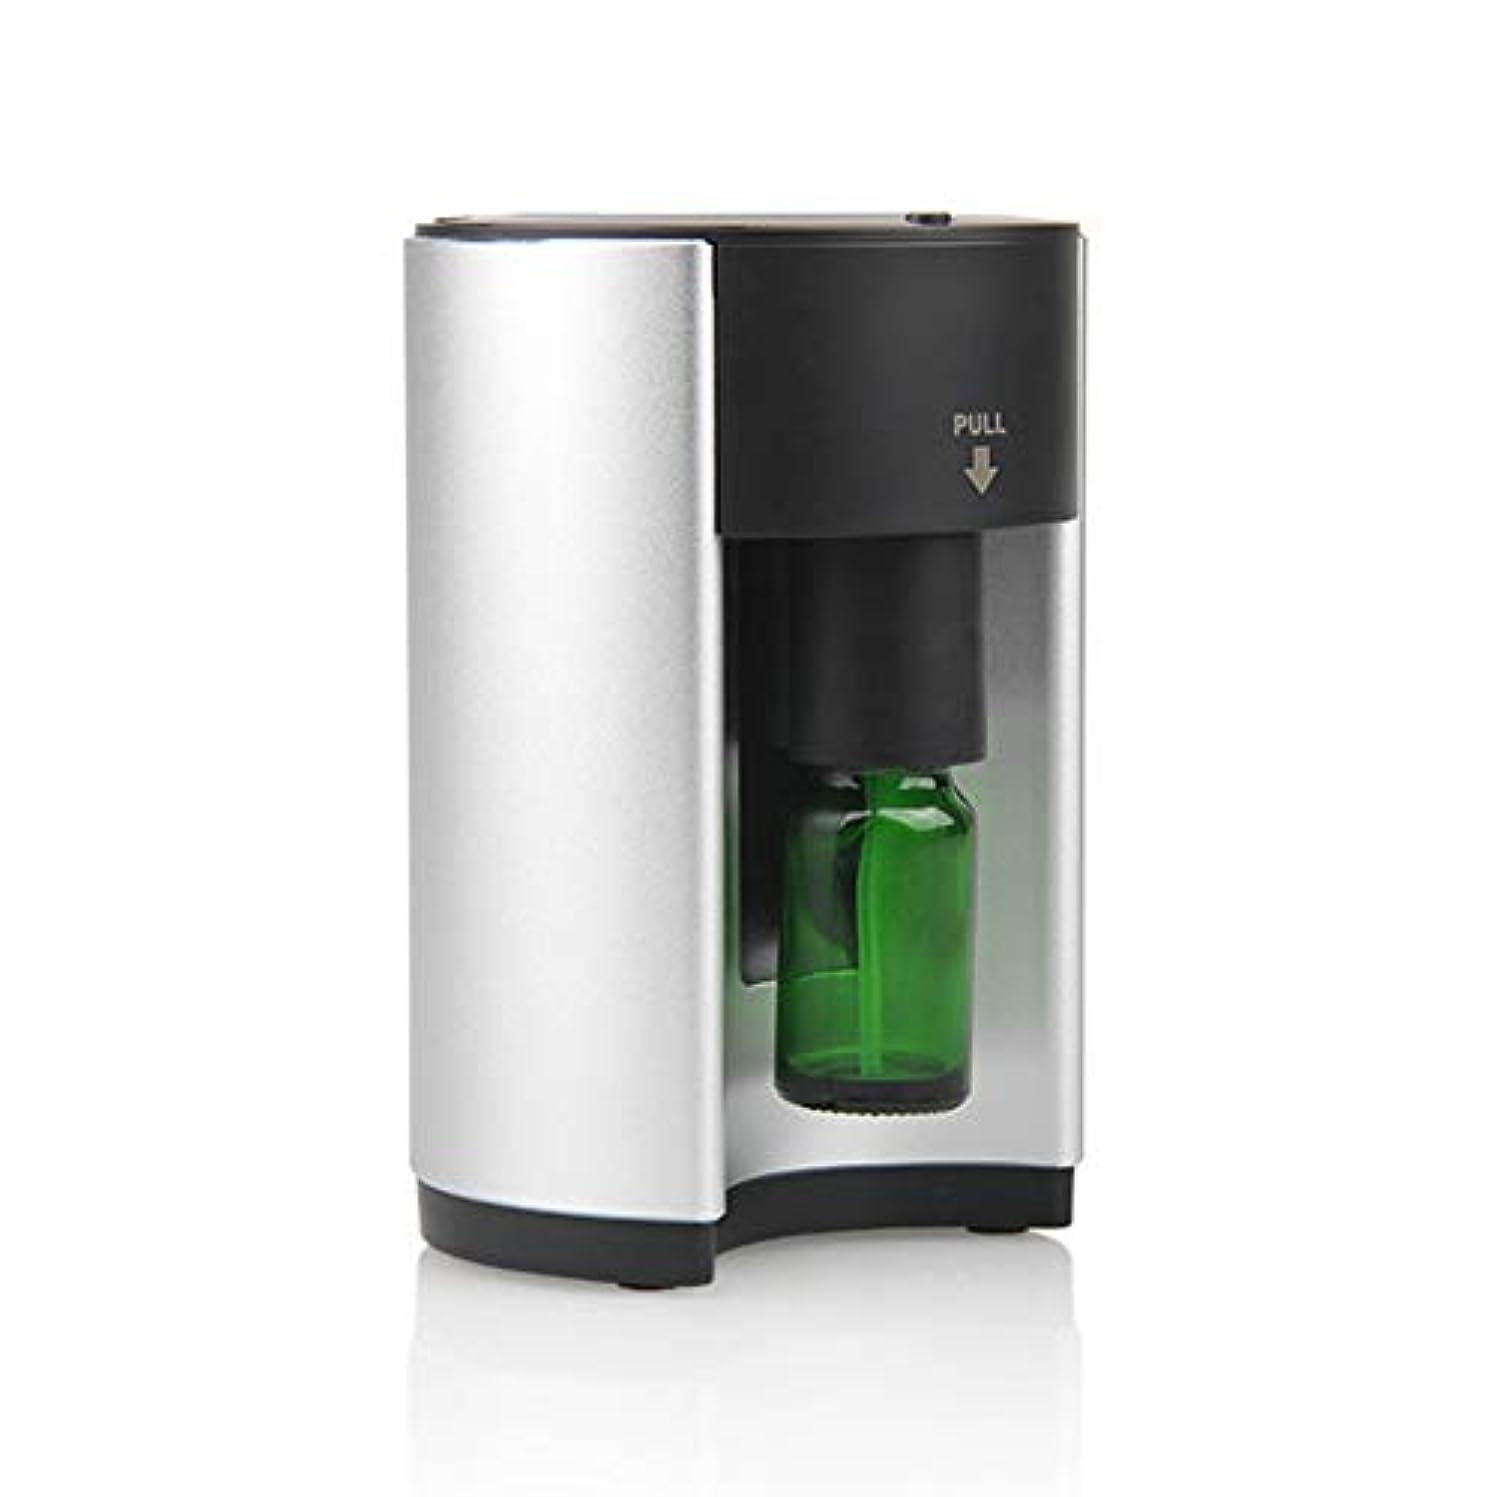 確認してください特別に血ネブライザー式アロマディフューザー 3個専用精油瓶付き ネブライザー式 アロマ芳香器 タイマー機能付き ヨガ室 ホテル 店舗 人気 タイマー機能 (シルバー)